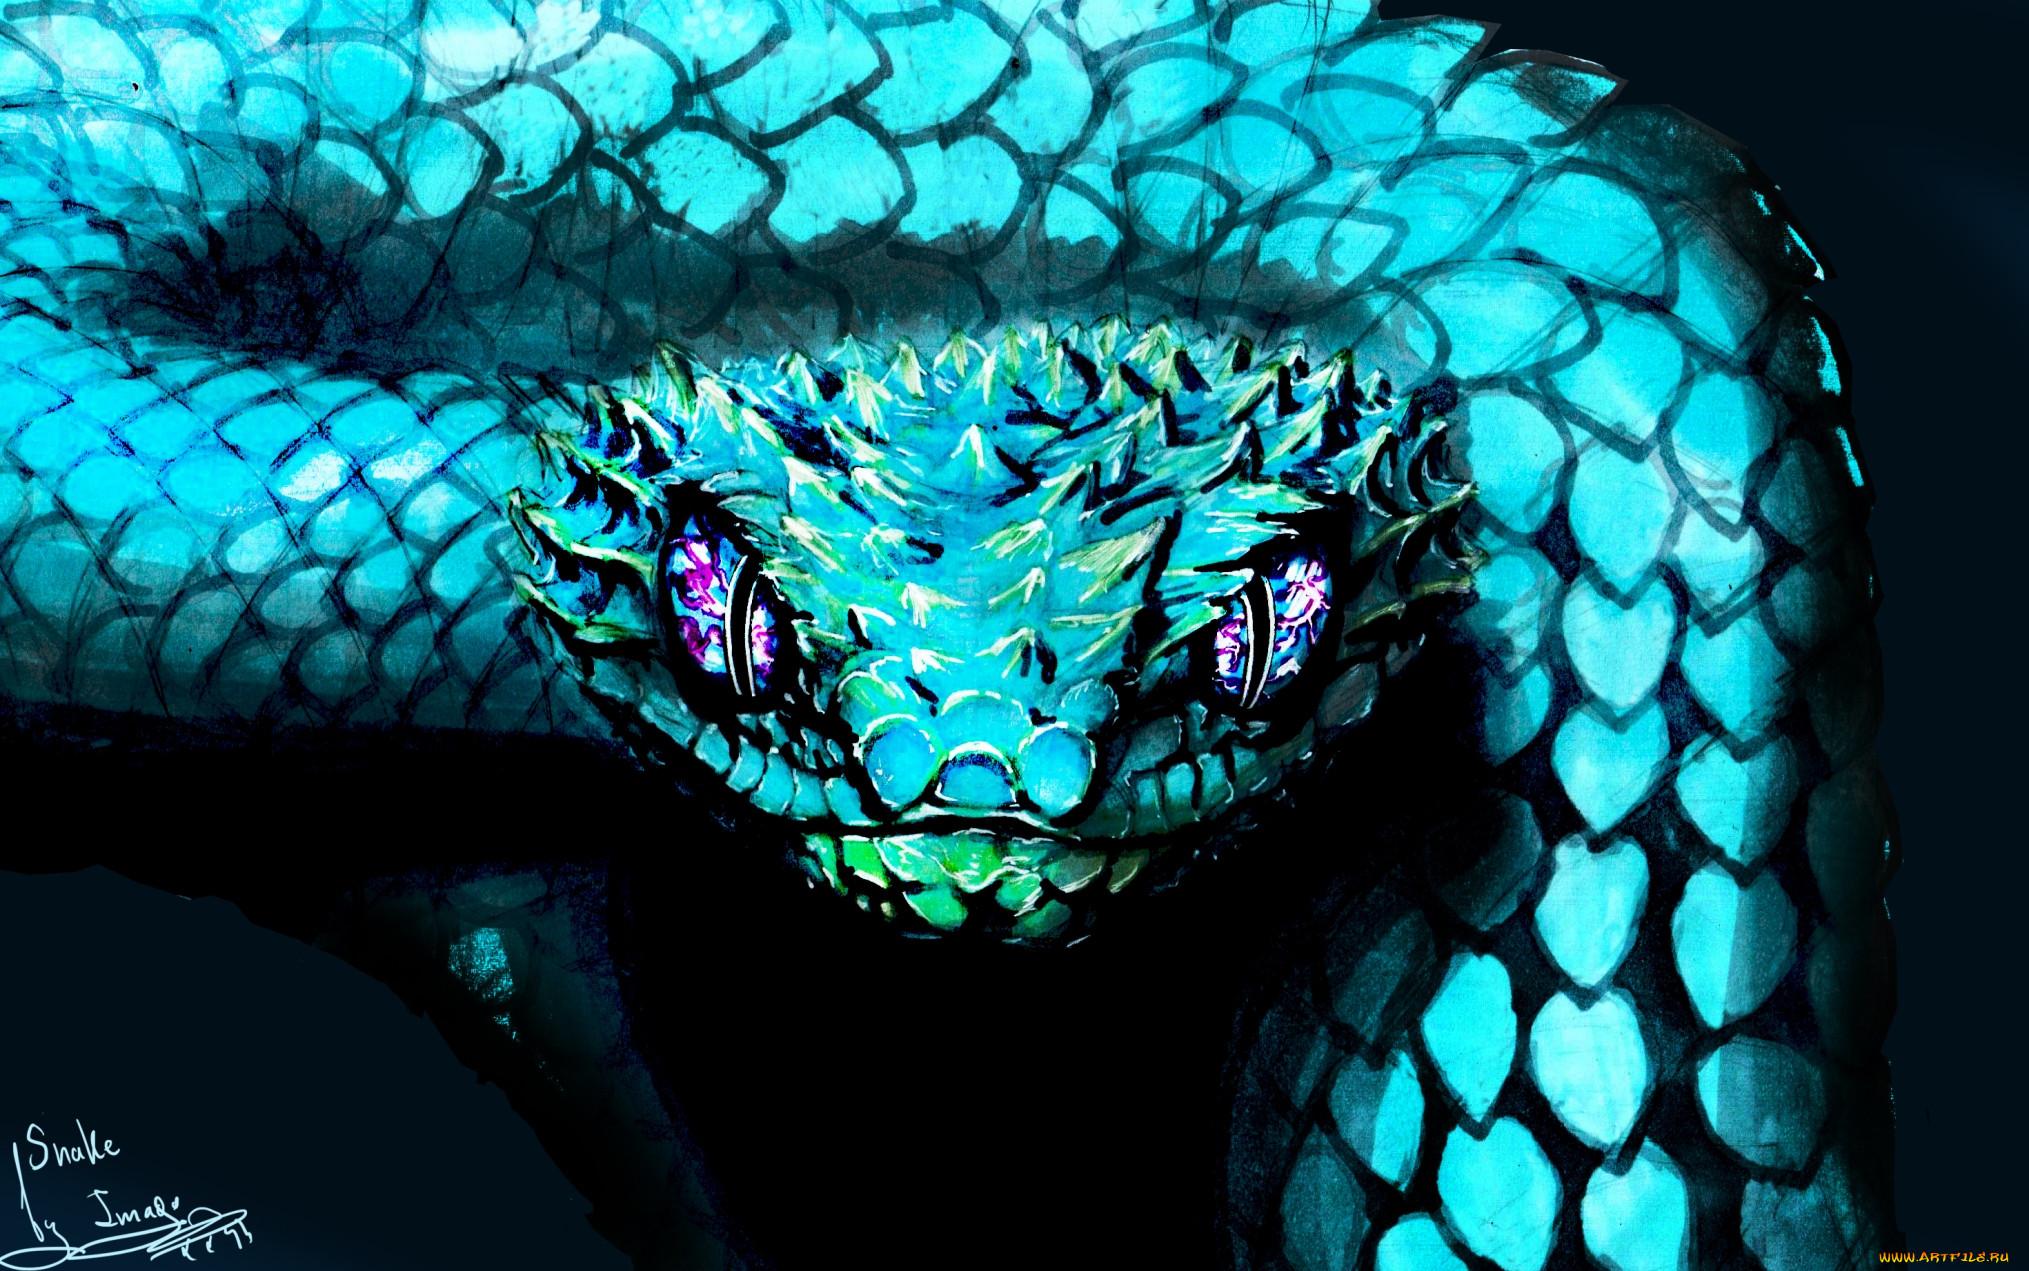 меня садовом змея картинка для стима покупателей, ценящих